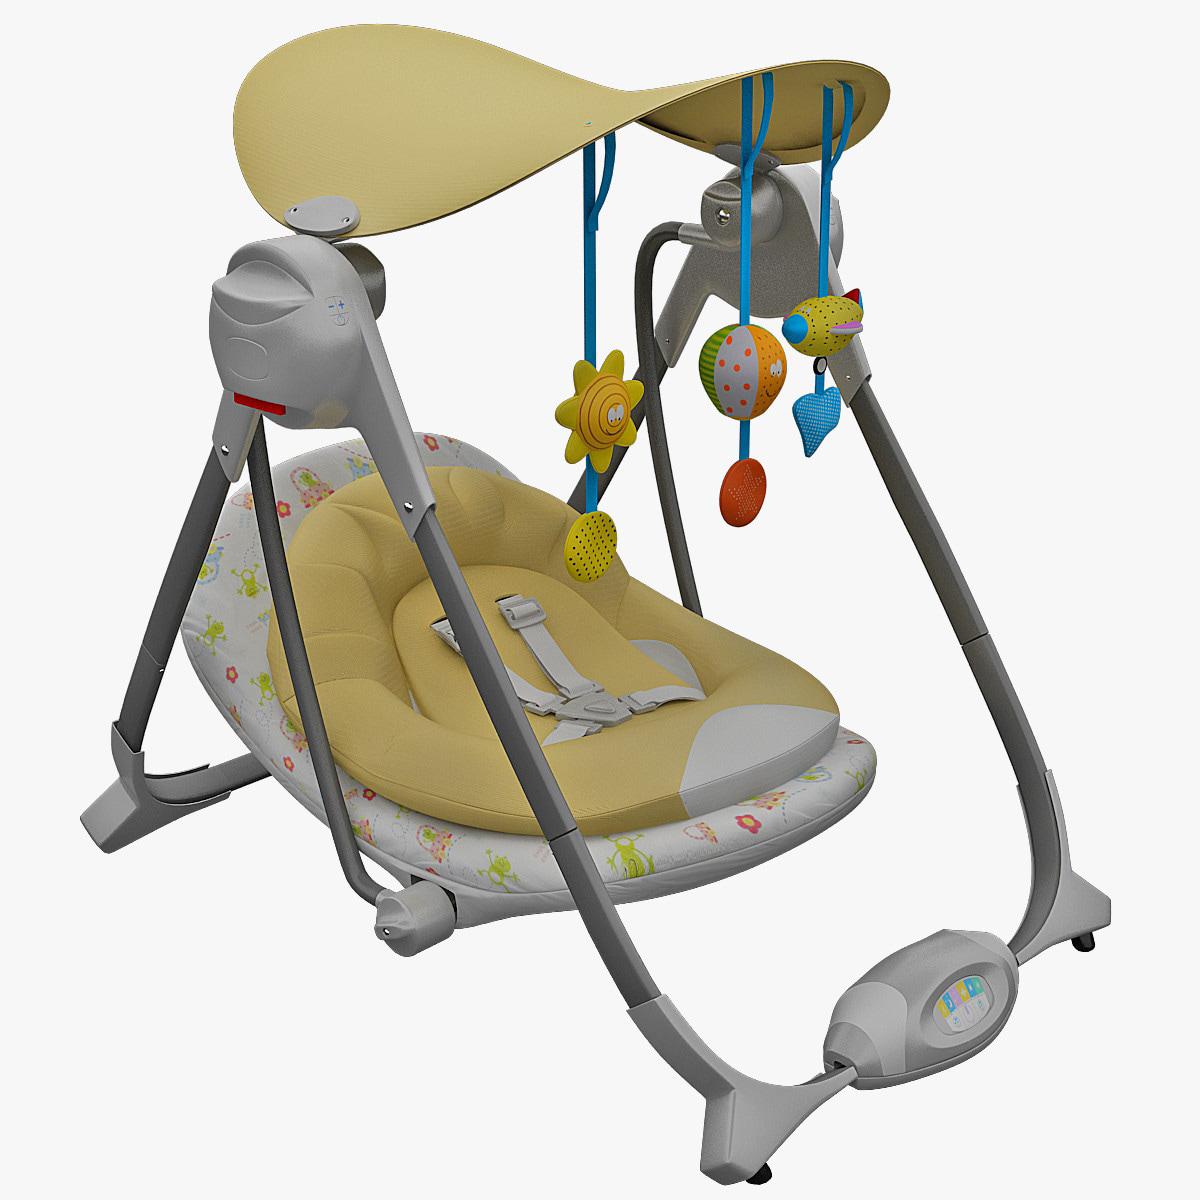 Bouncy_Chair_Chicco_Polly_Swing_000.jpga2d9ae0e-22f3-4adb-8758-0307f7add199Original.jpg